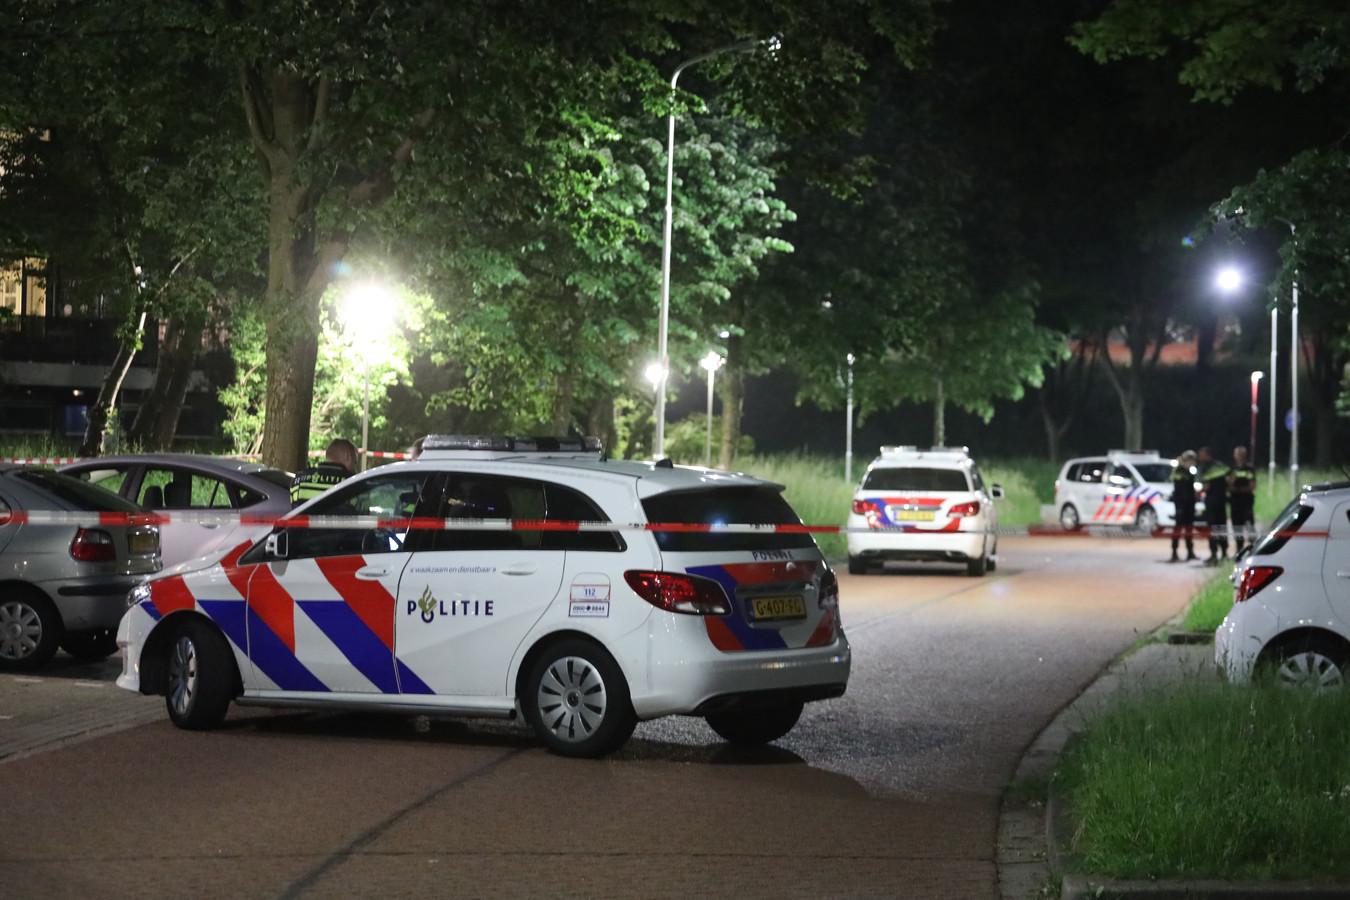 De politie doet onderzoek na de steekpartij bij het Fonteinbos in Zoetermeer.